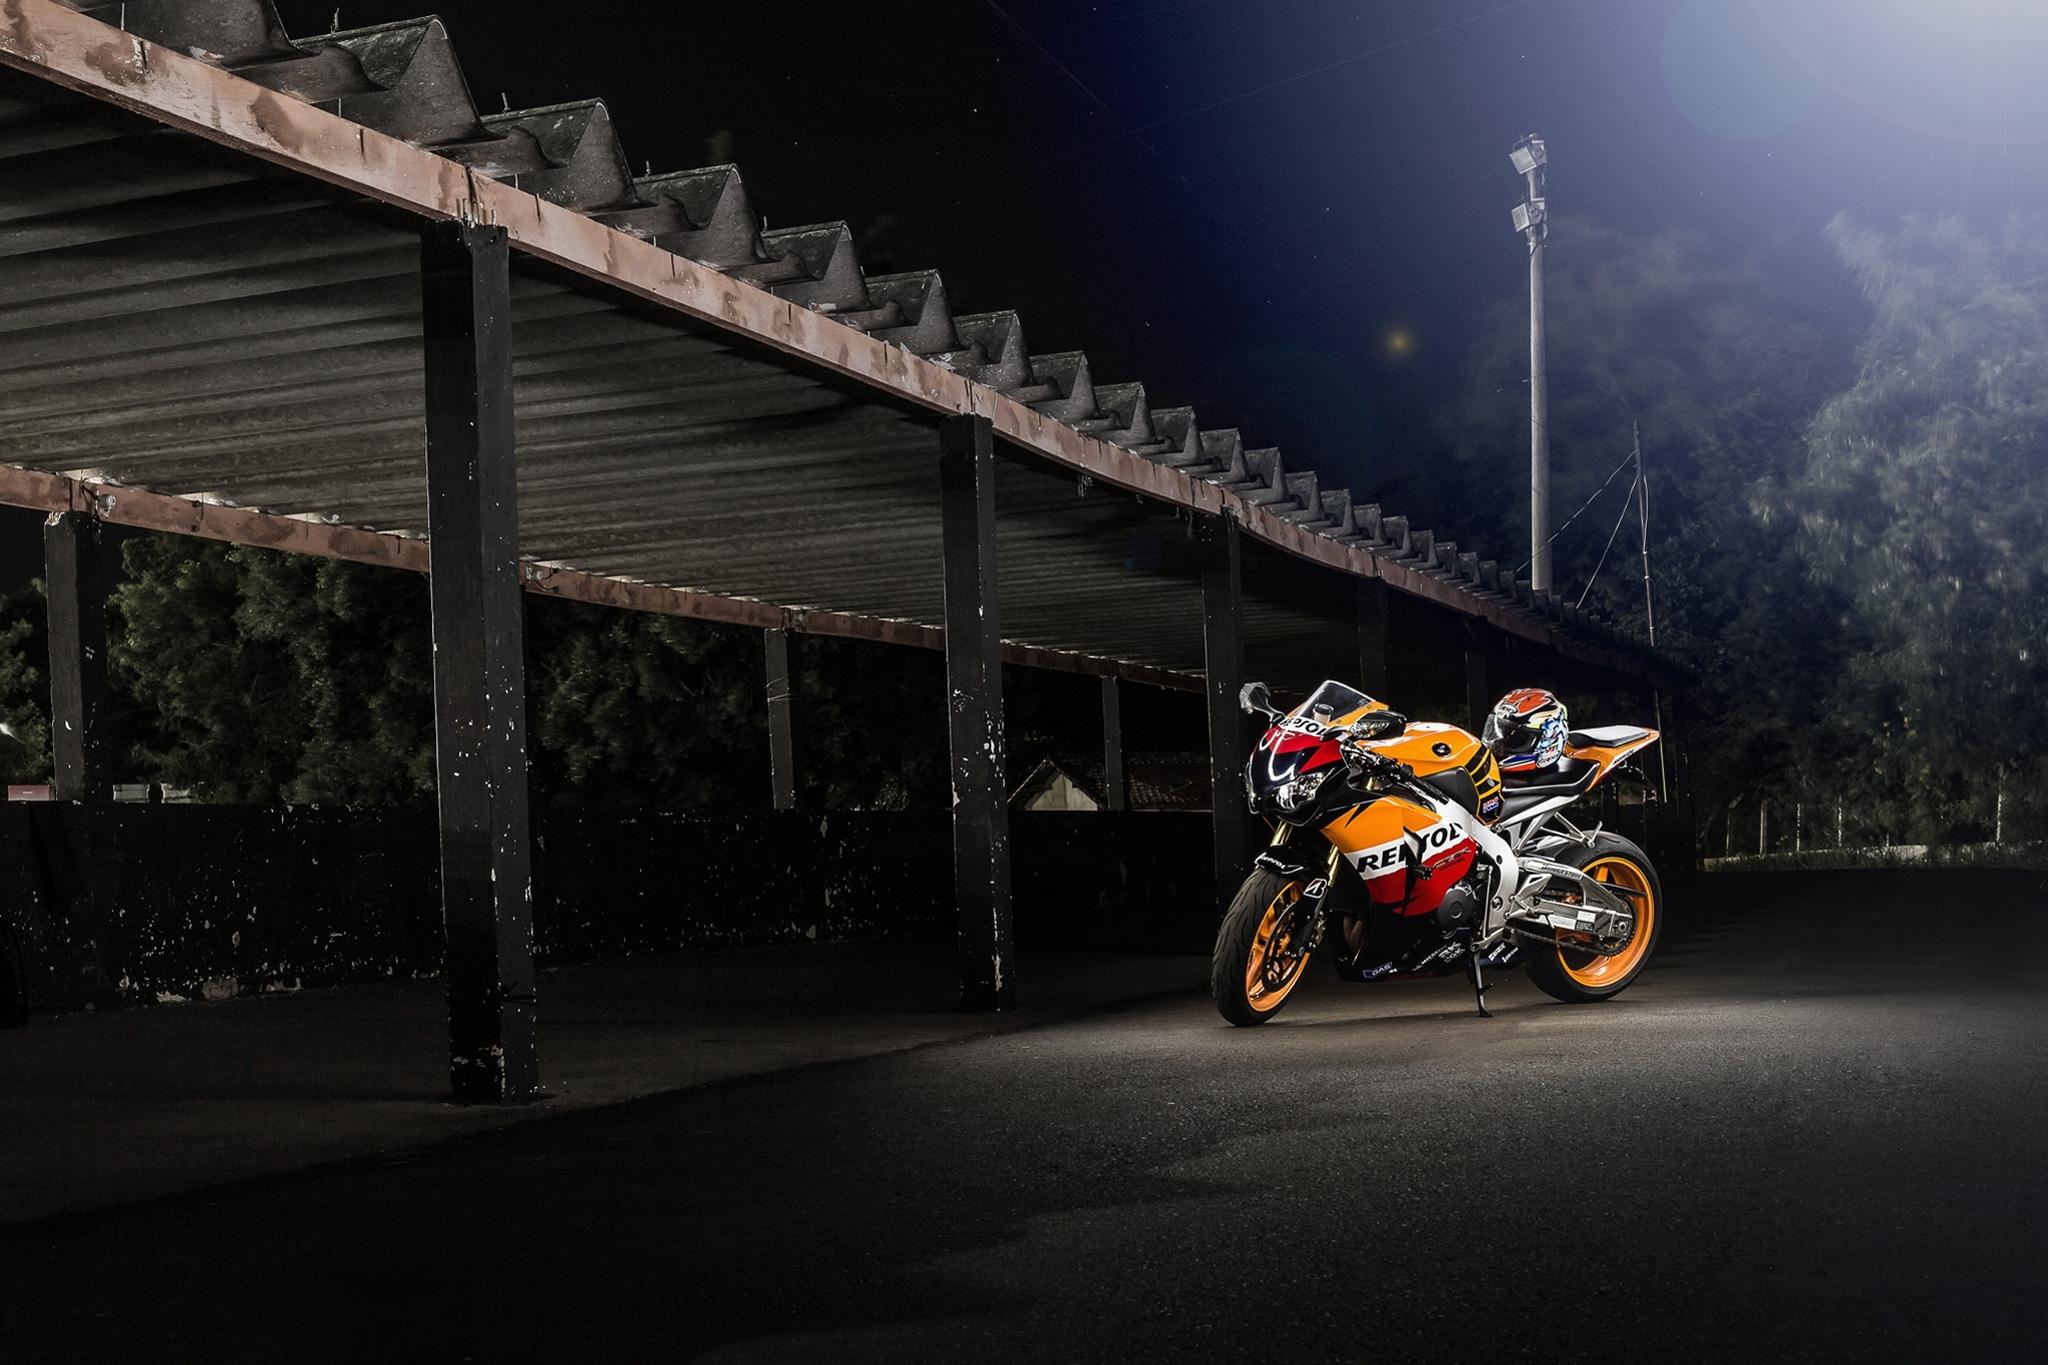 74892 скачать обои Мотоциклы, Хонда (Honda), Cbr1000Rr, Repsol, Мотоцикл, Байк - заставки и картинки бесплатно